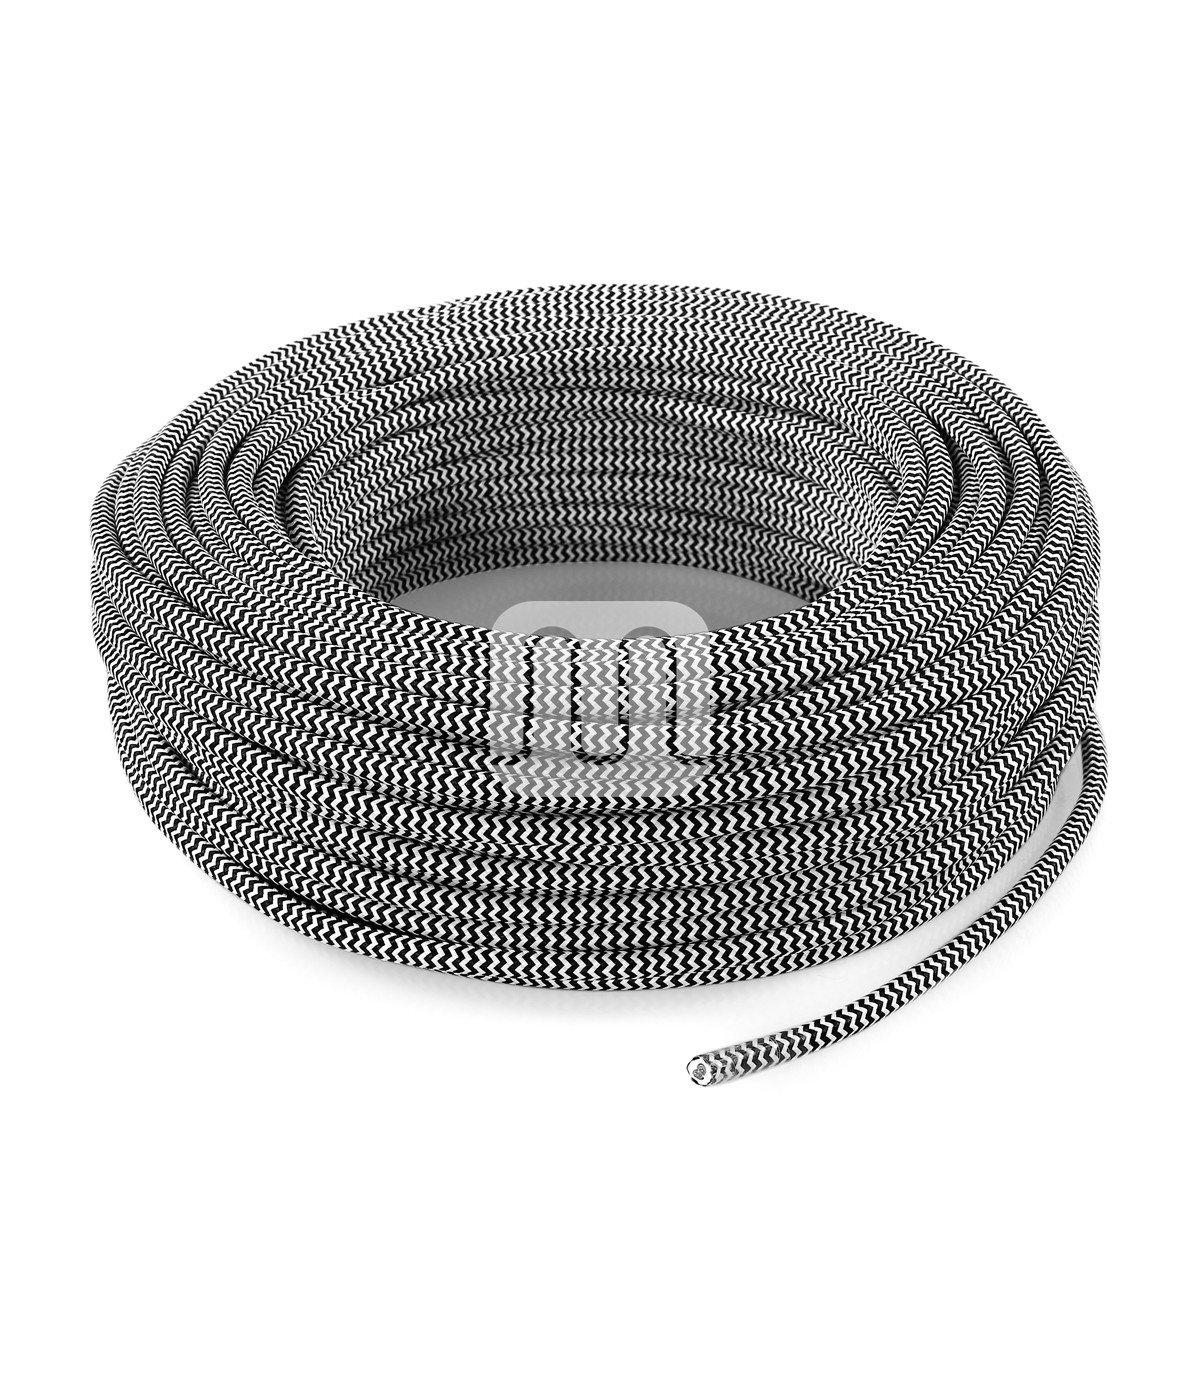 57/mm x 2000/mm 5,7/x 200/cm Polylock Flexible d/échappement Tube en acier inoxydable avec extr/émit/és Stub T304/haute qualit/é